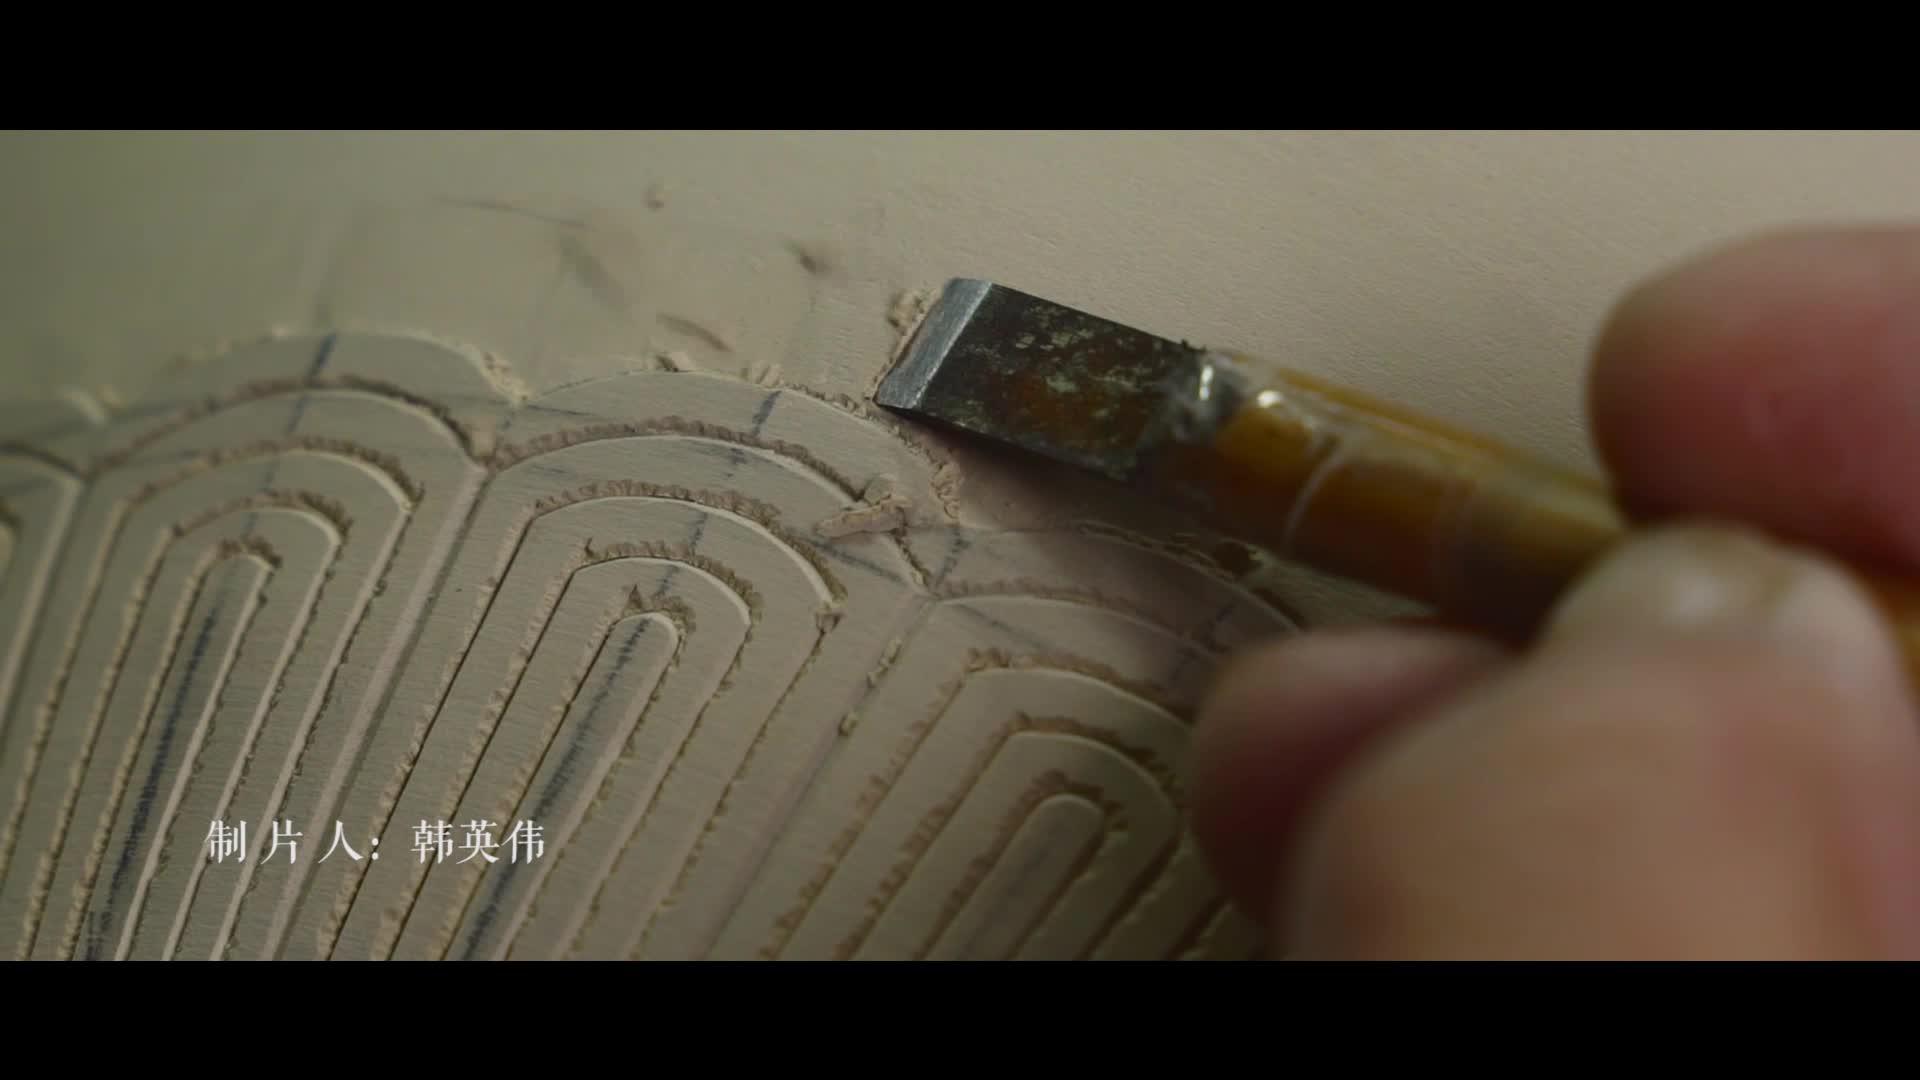 守艺中国之景德镇篇:仿古瓷匠人李云 05